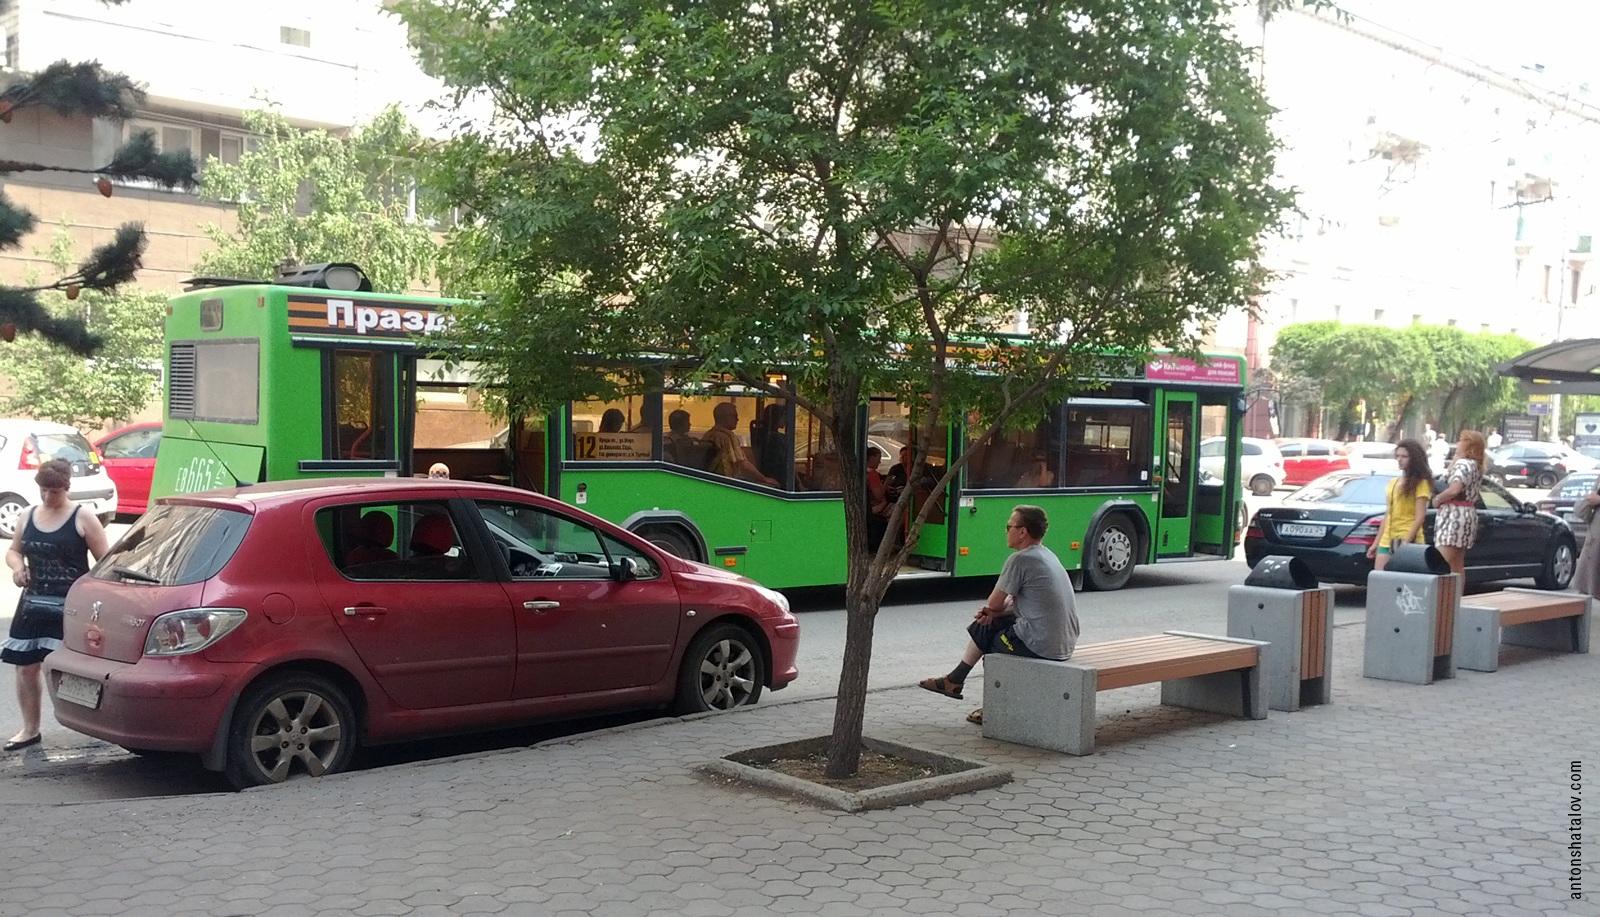 Такси в автобусном кармане на пр. Мира. Автобус вынужден останавливаться на полосе движения.